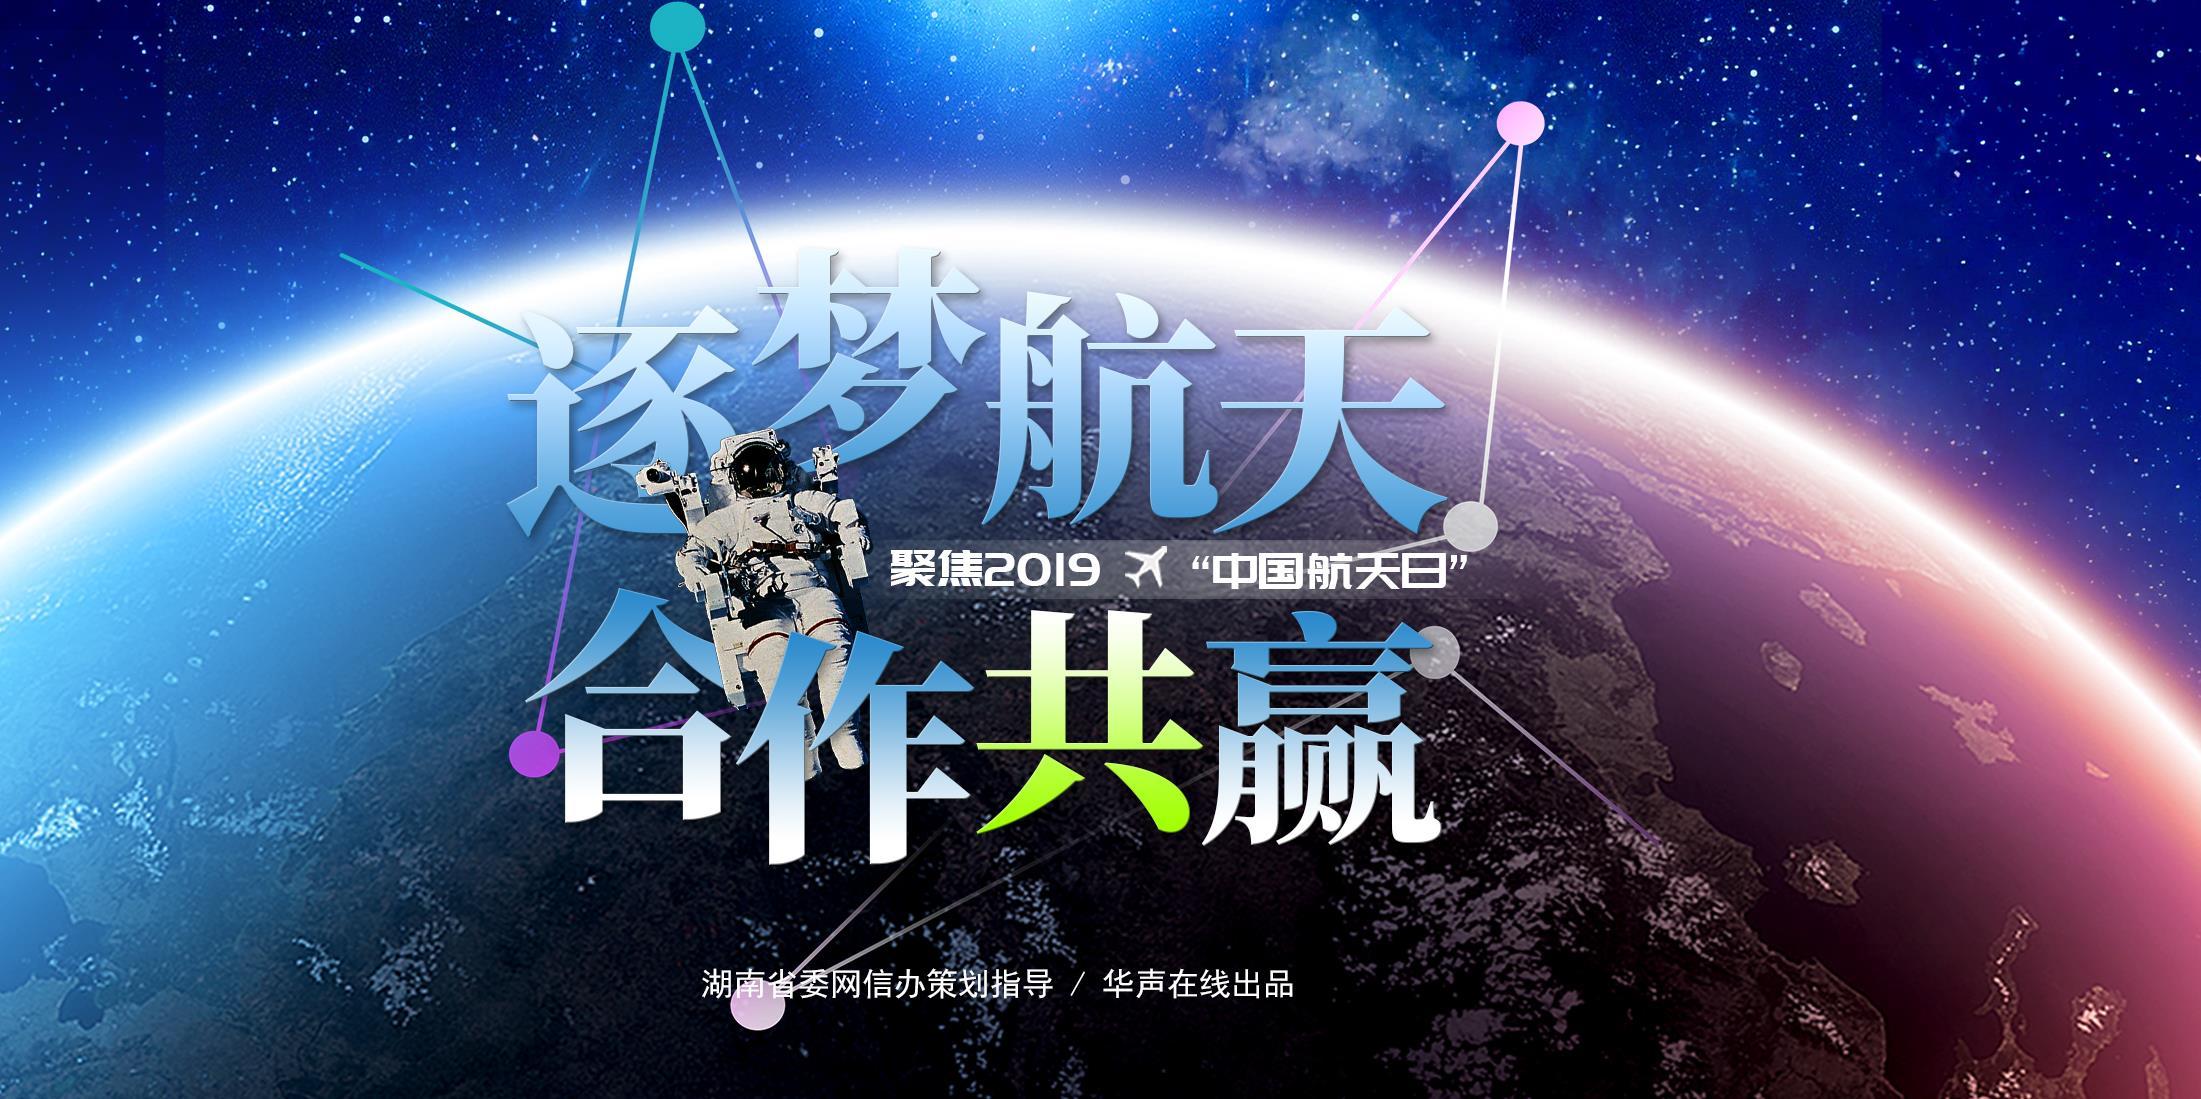 """【专题】逐梦航天 合作共赢——聚焦2019年""""中国航天日"""""""